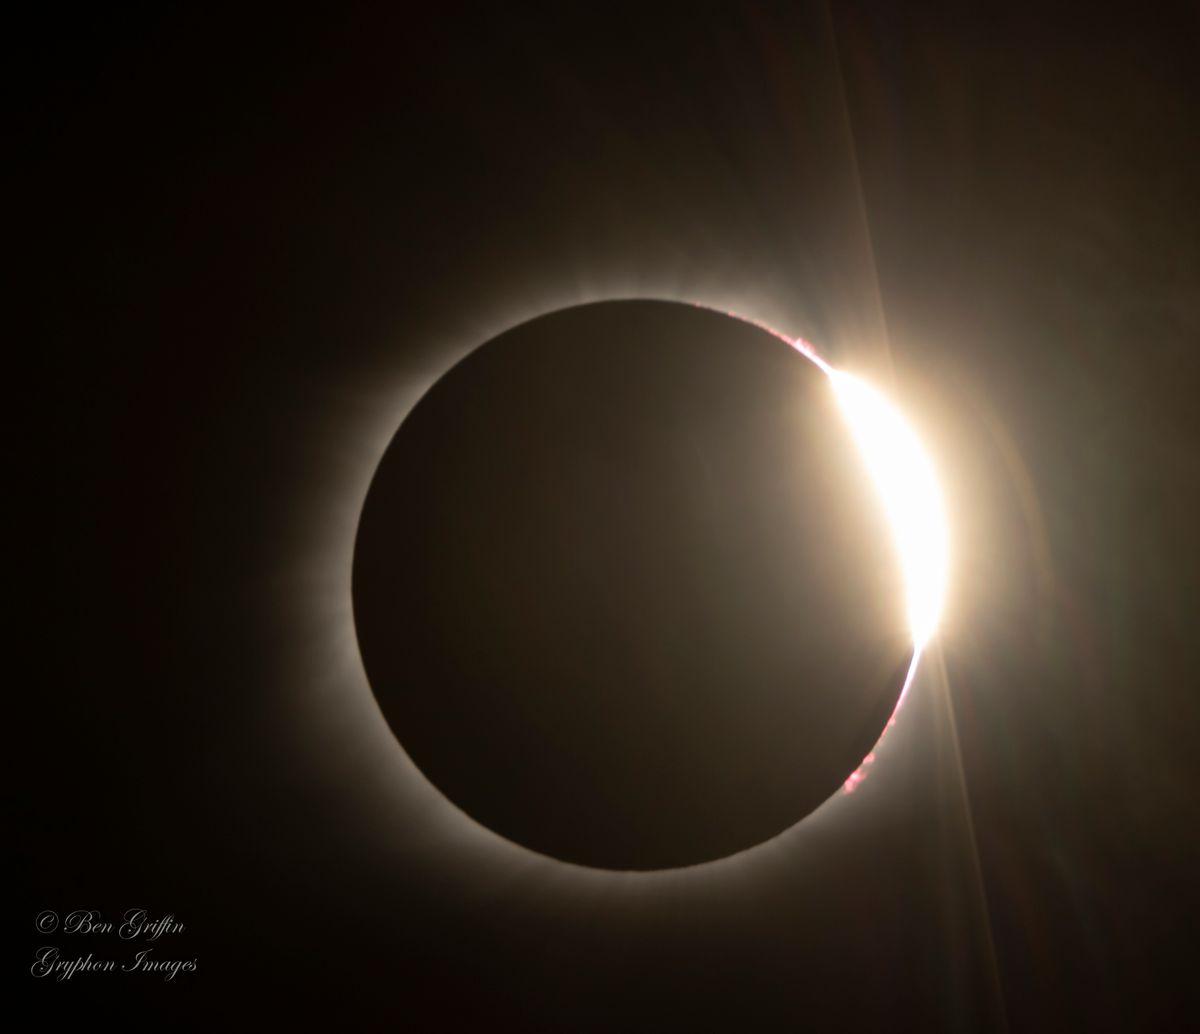 Eclipse Event Hopkinsville Kentucky